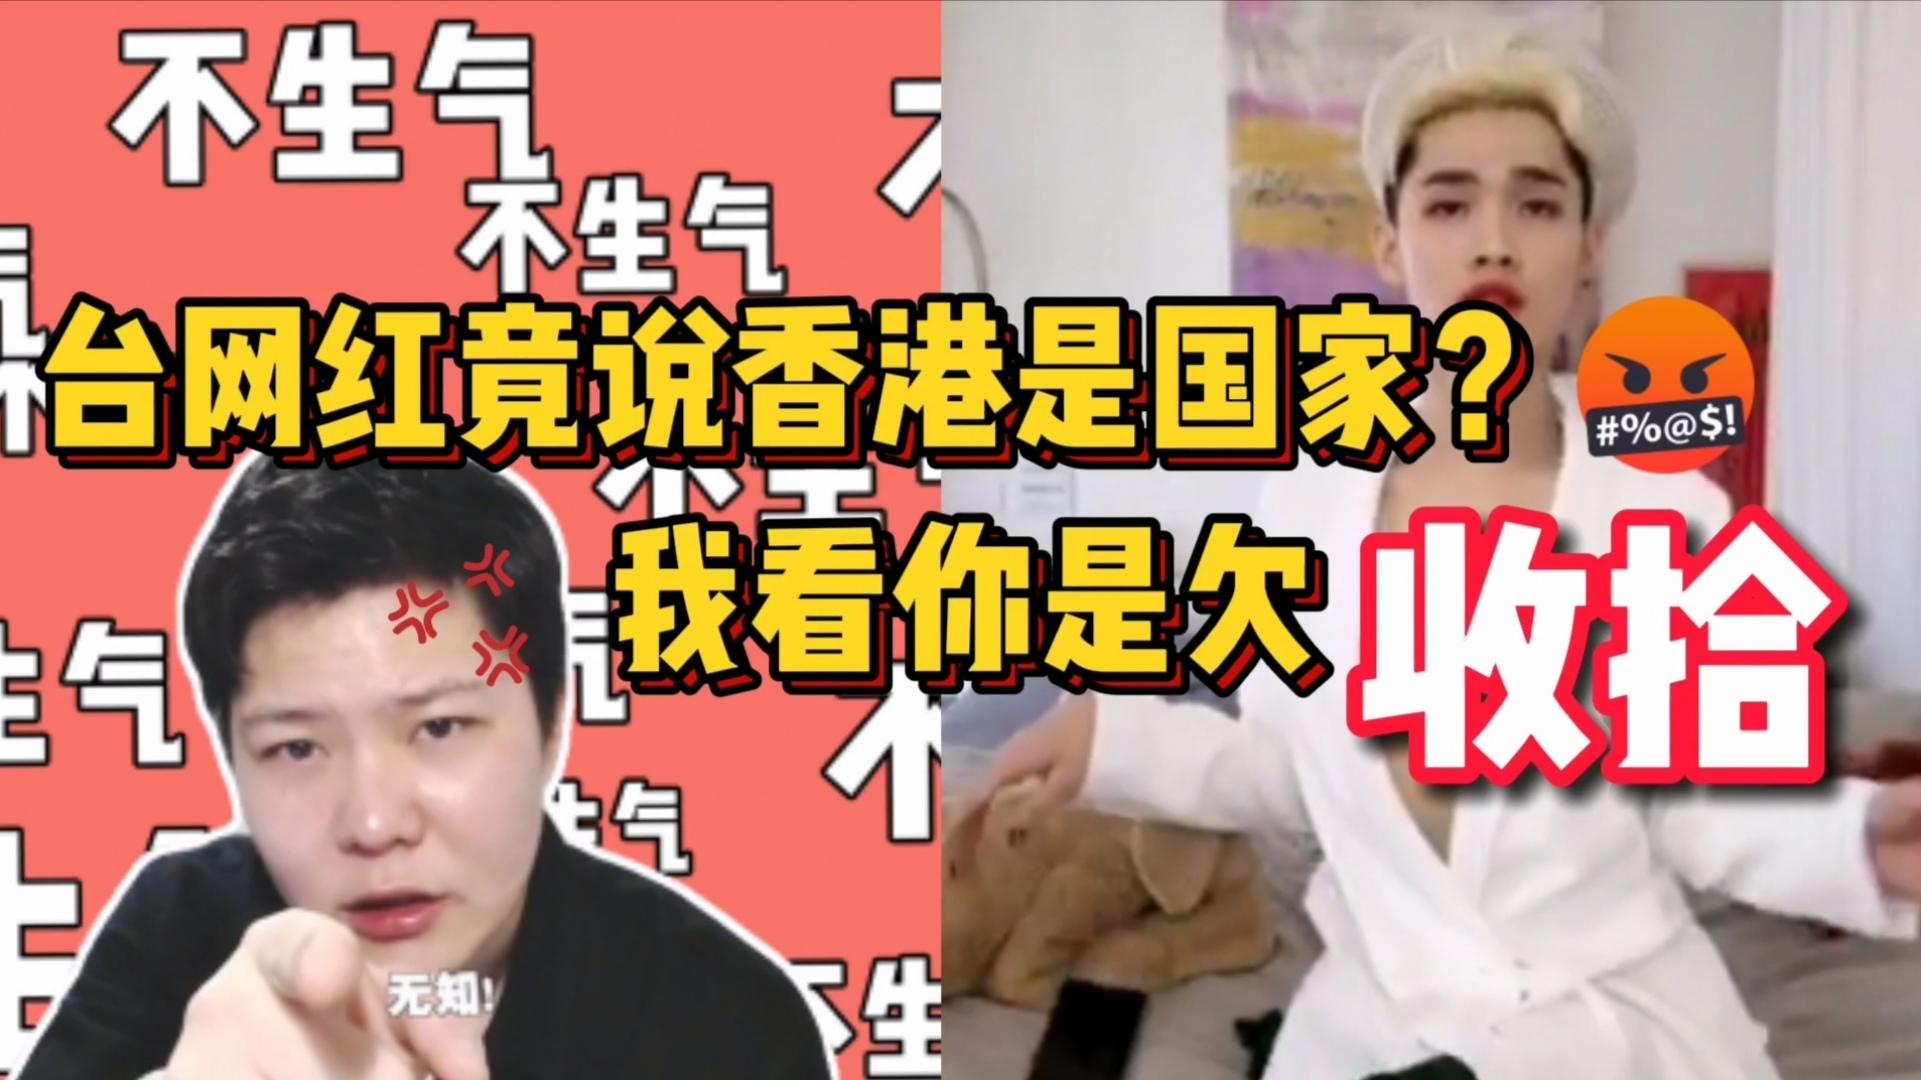 臺網紅竟說香港是國家?東北小哥看你真的欠收拾!圖片